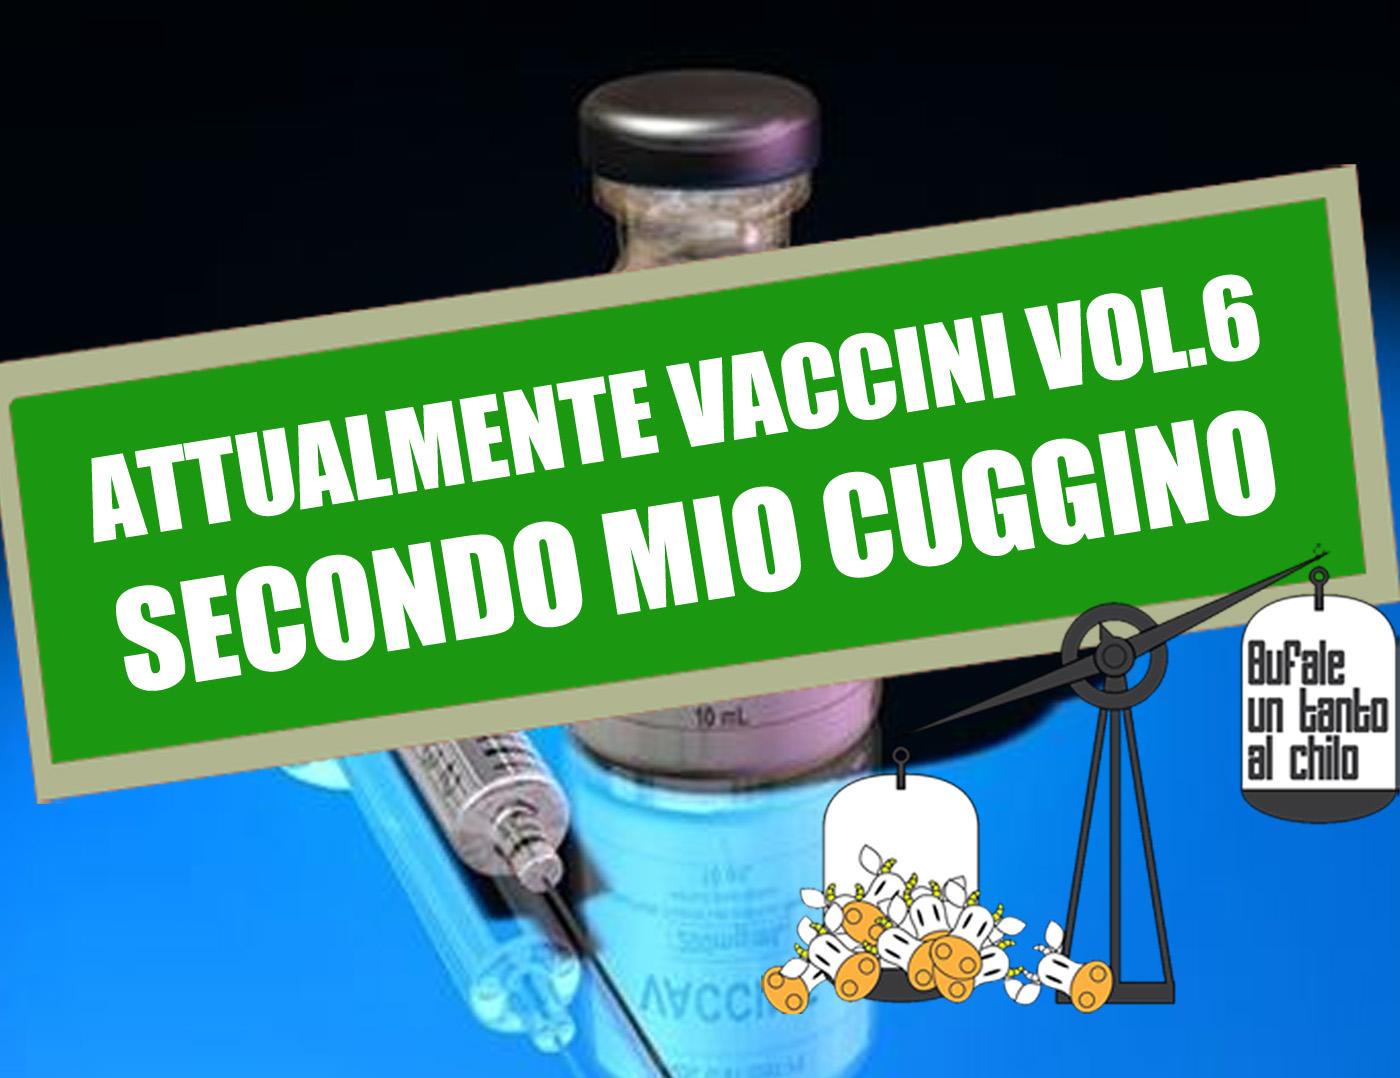 ATTUALMENTE-VACCINI-6